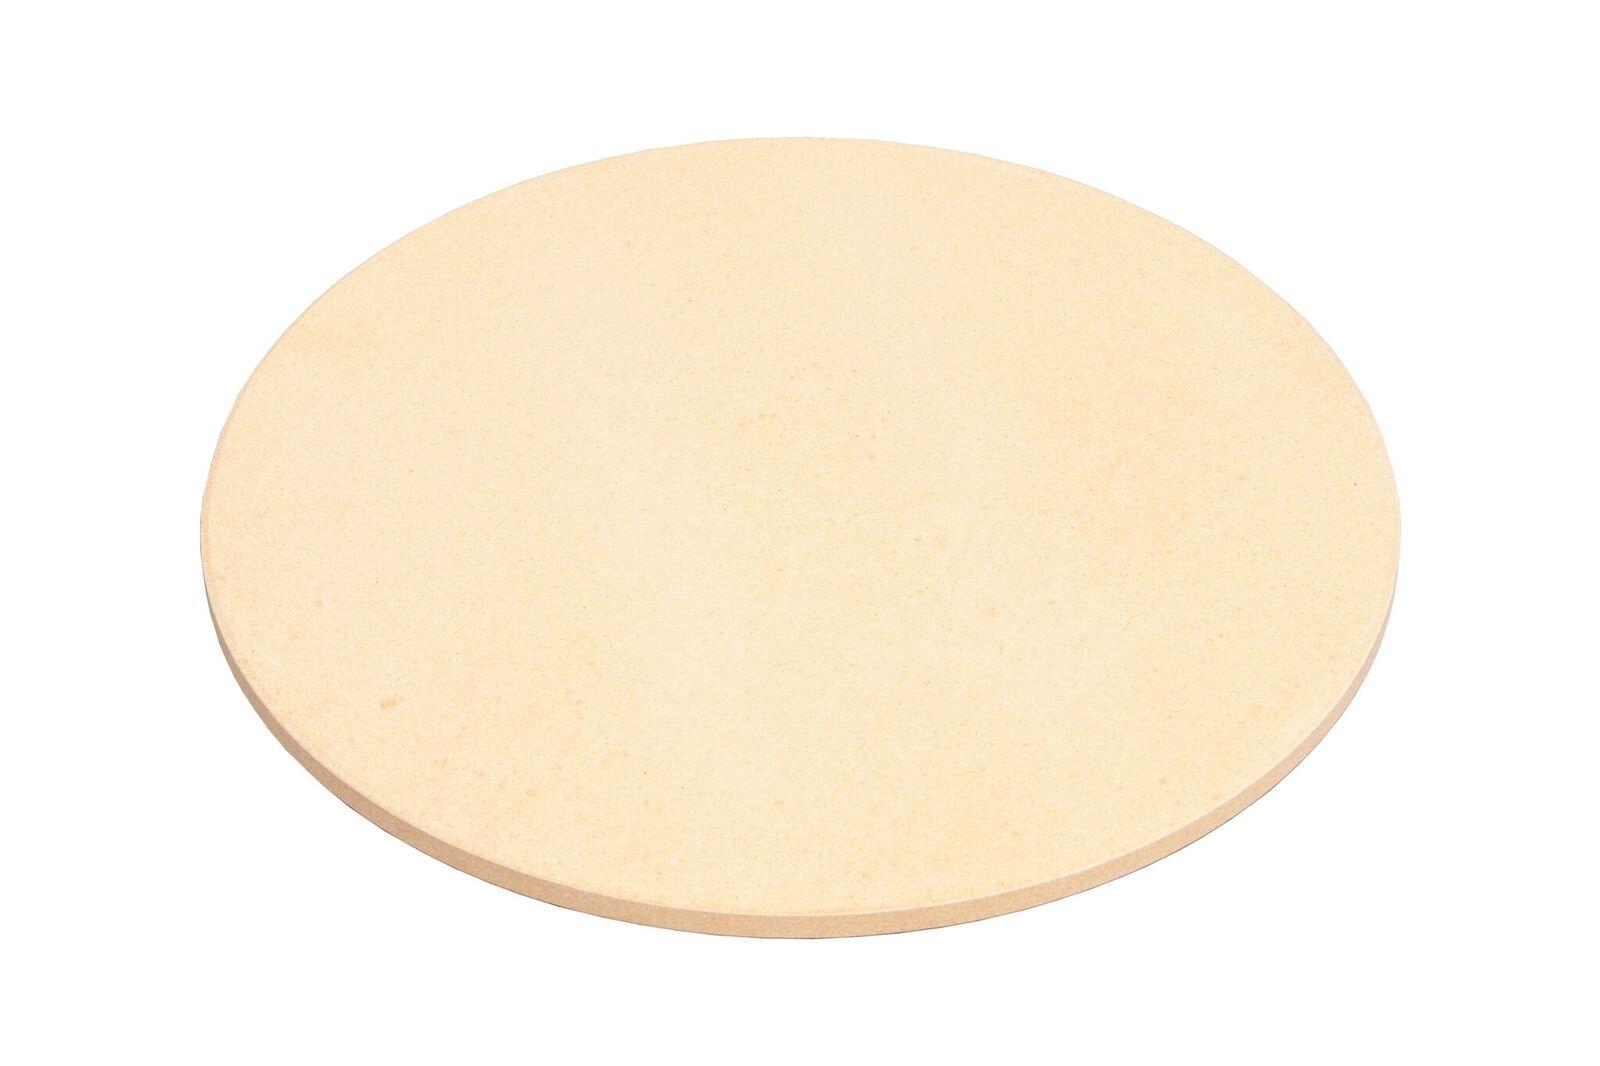 Monolith LeChef Pizza Stone